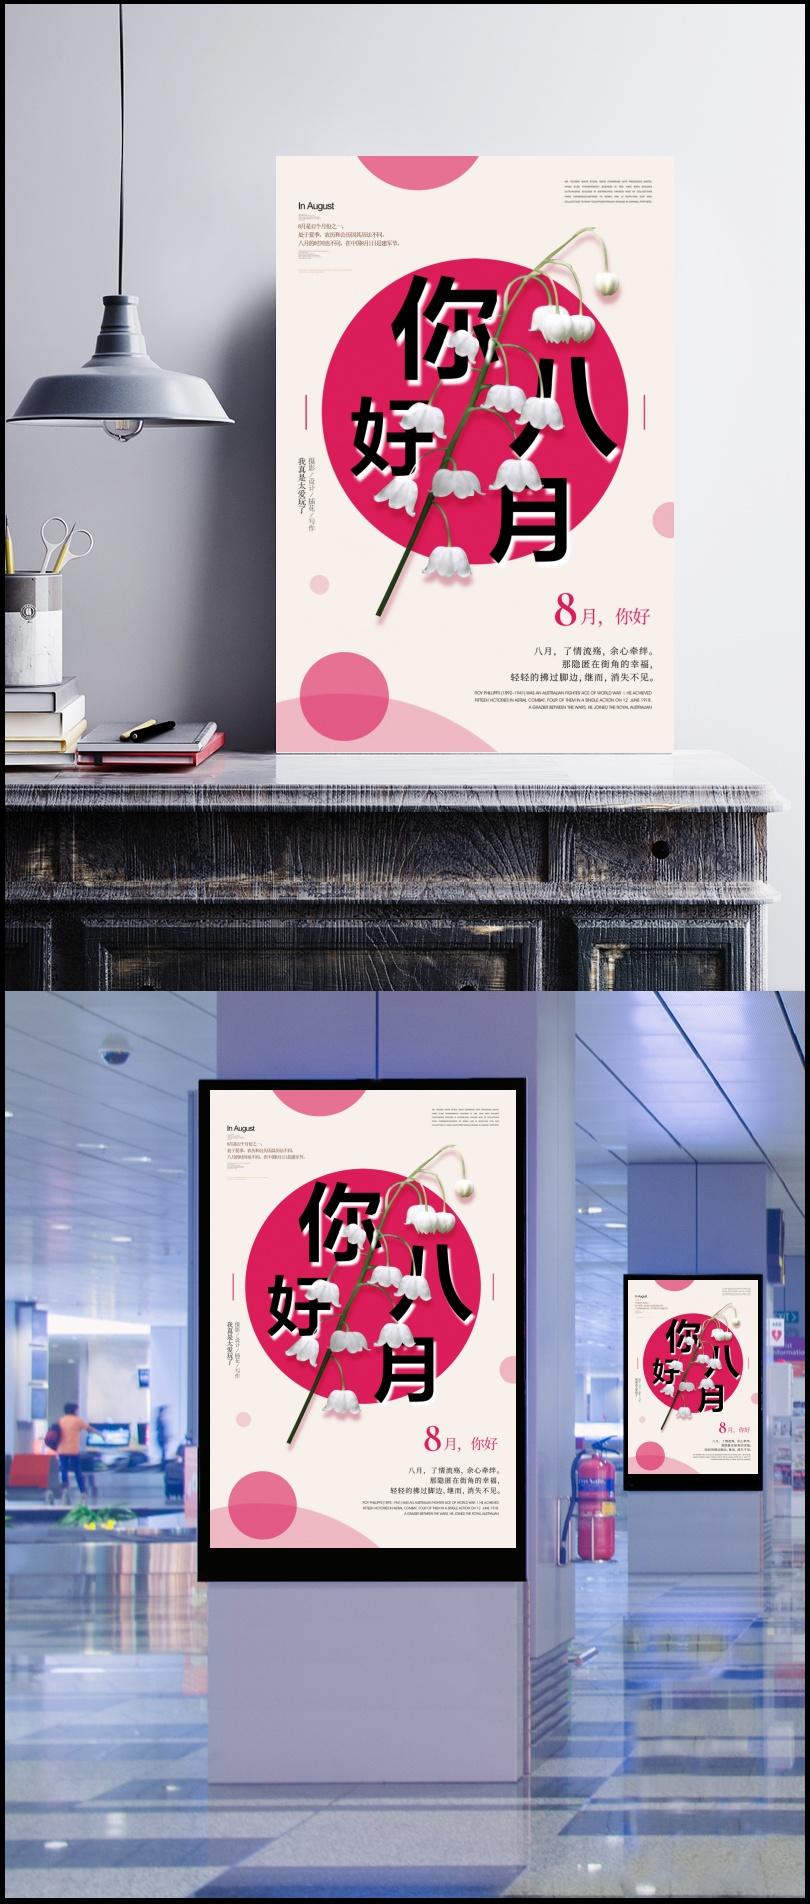 小清新你好八月宣传海报设计